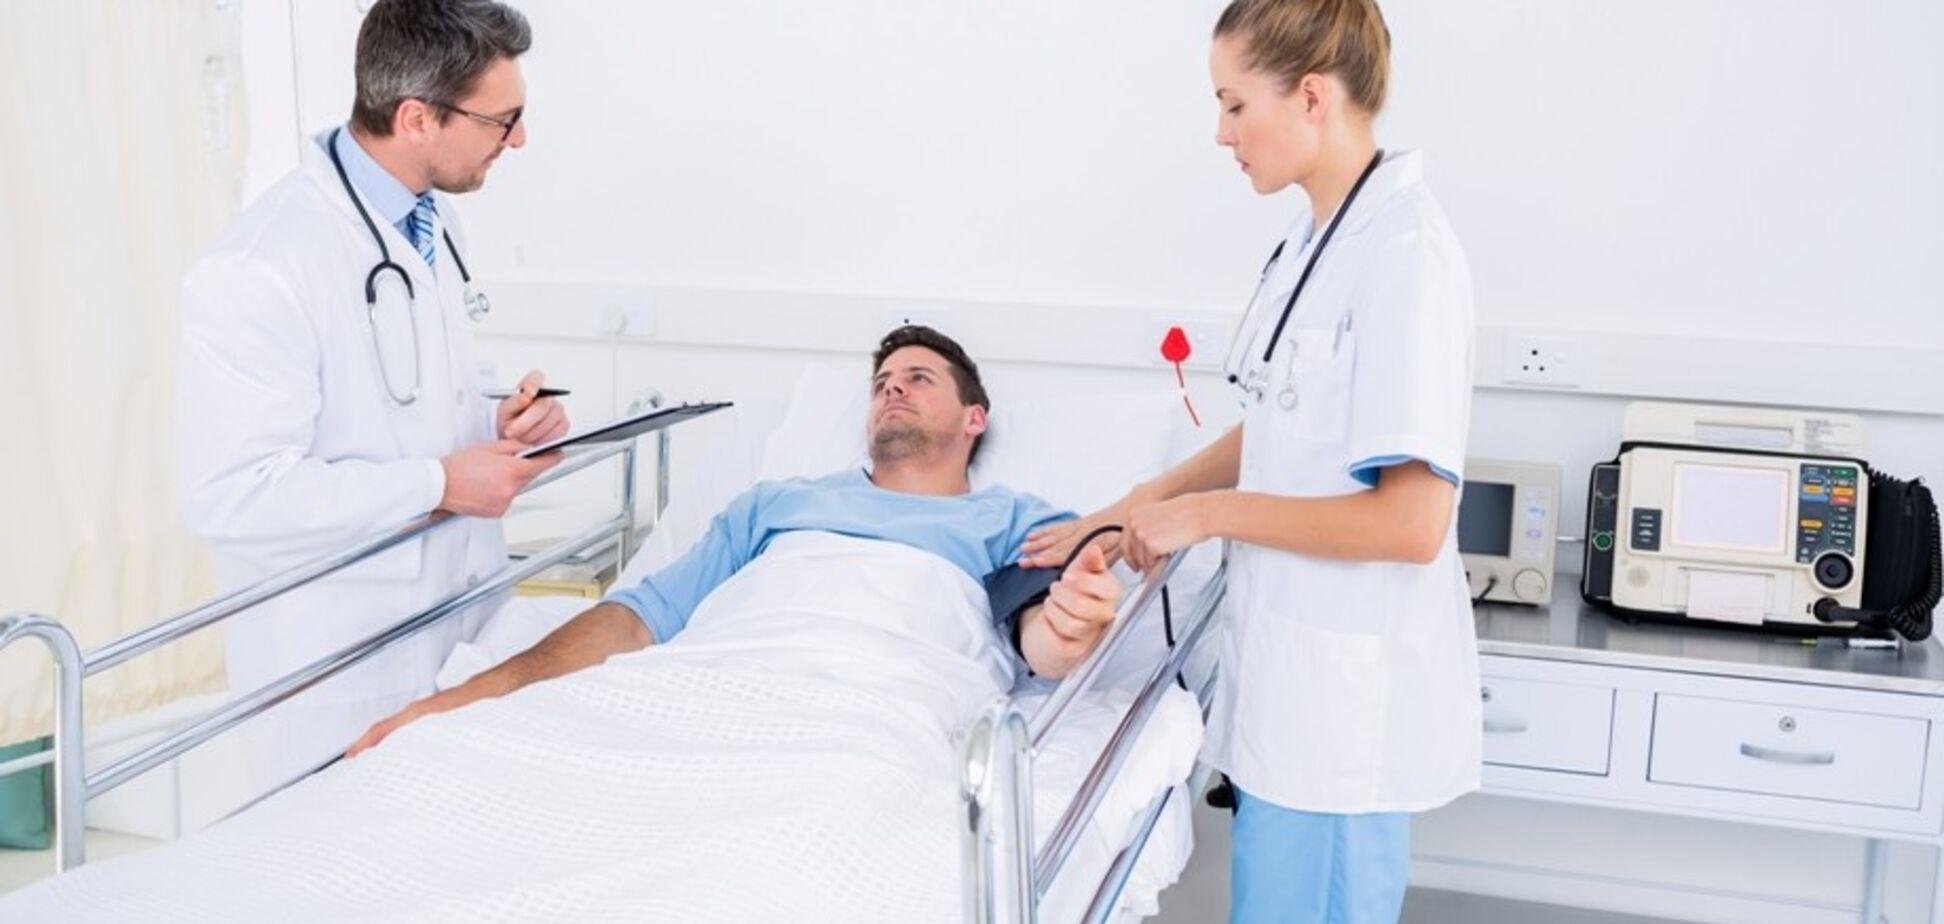 Гибнет 100 тысяч людей в год: 5 симптомов второго по смертности диагноза в Украине